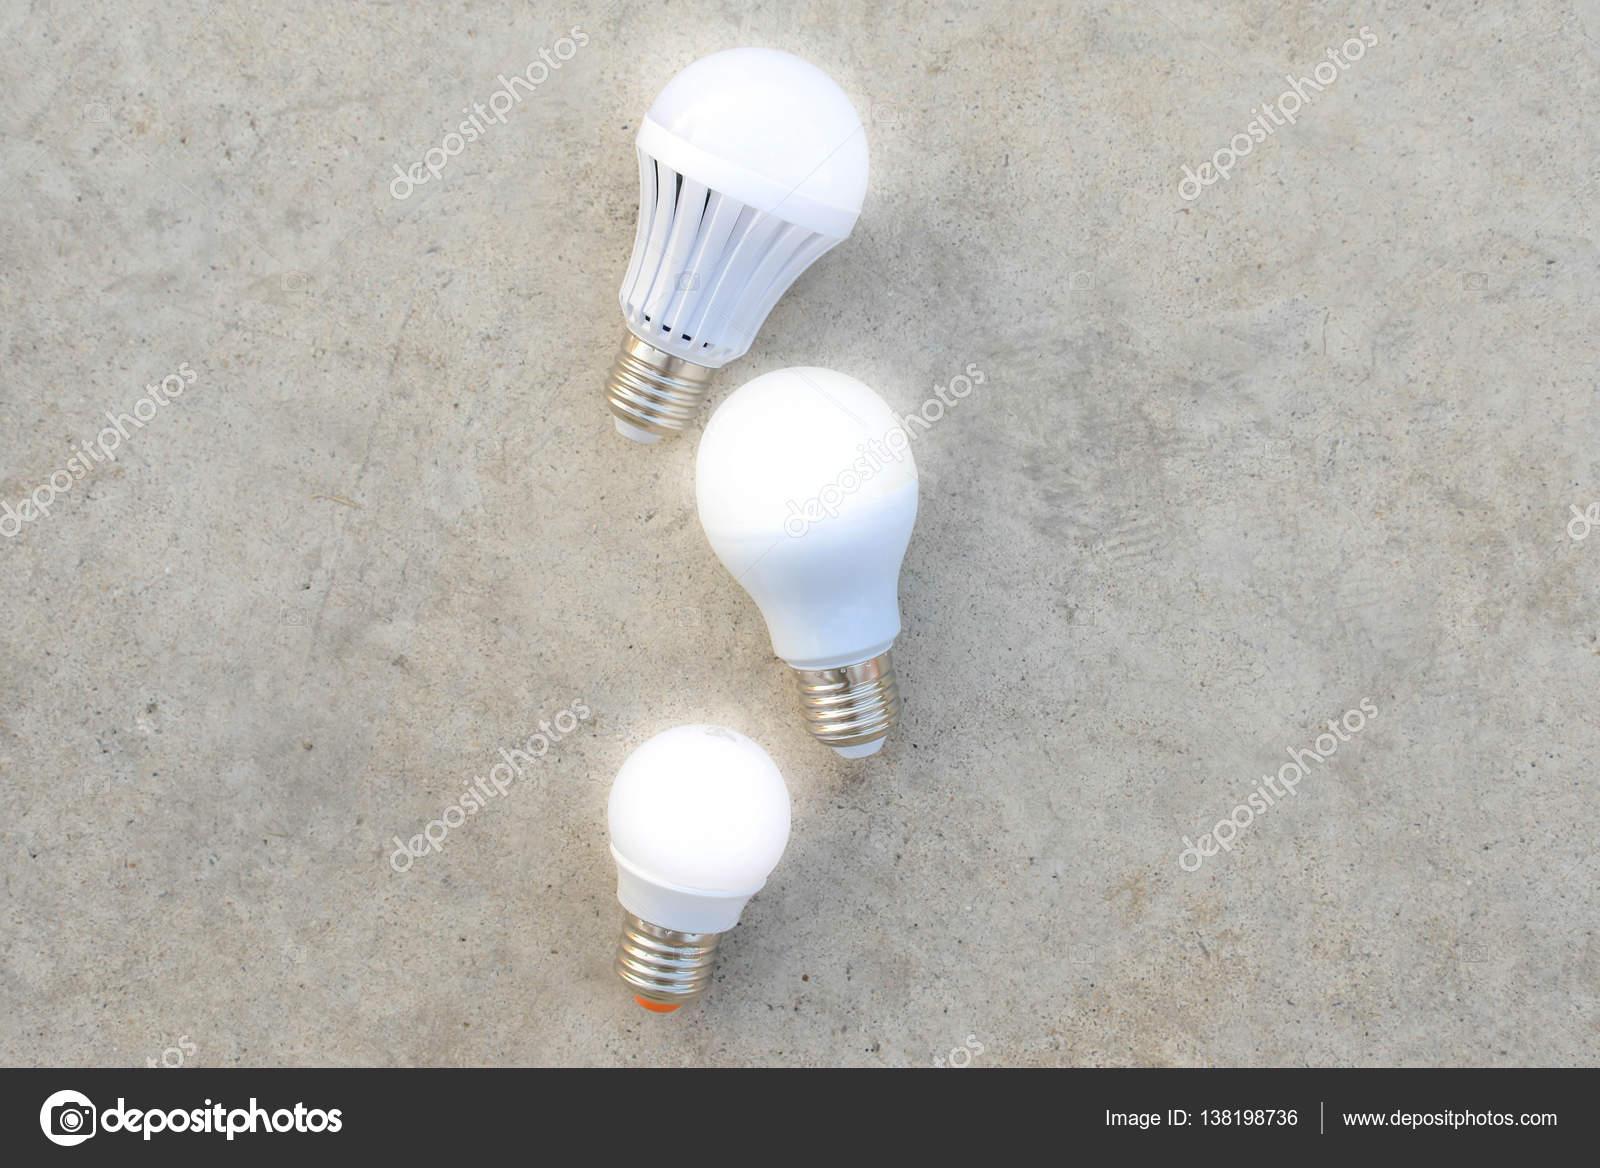 led lampen met verlichting op de betonnen vloer stockfoto